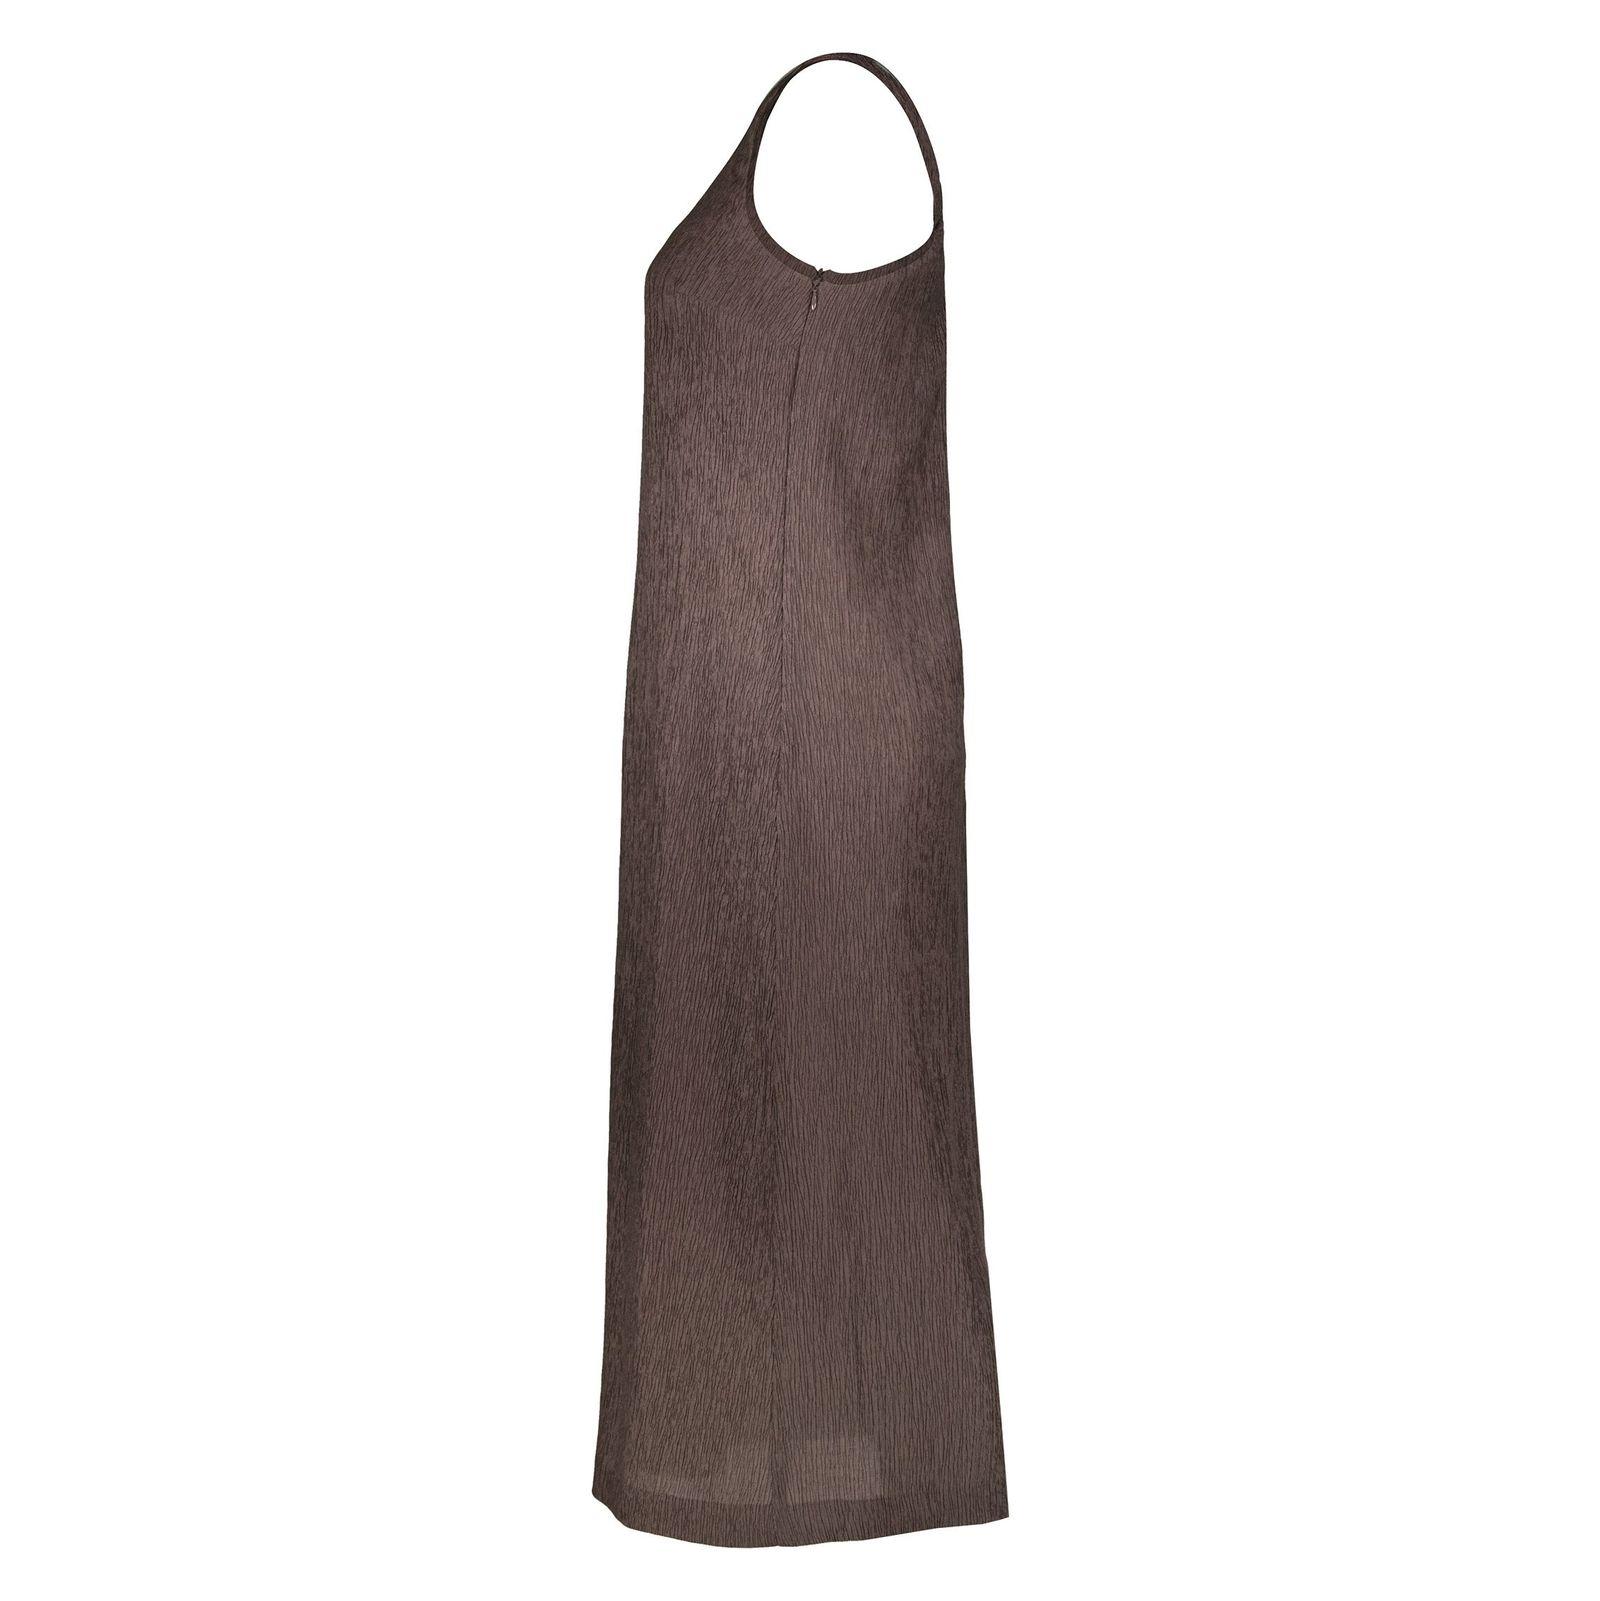 پیراهن بلند زنانه - استفانل - قهوه اي - 3